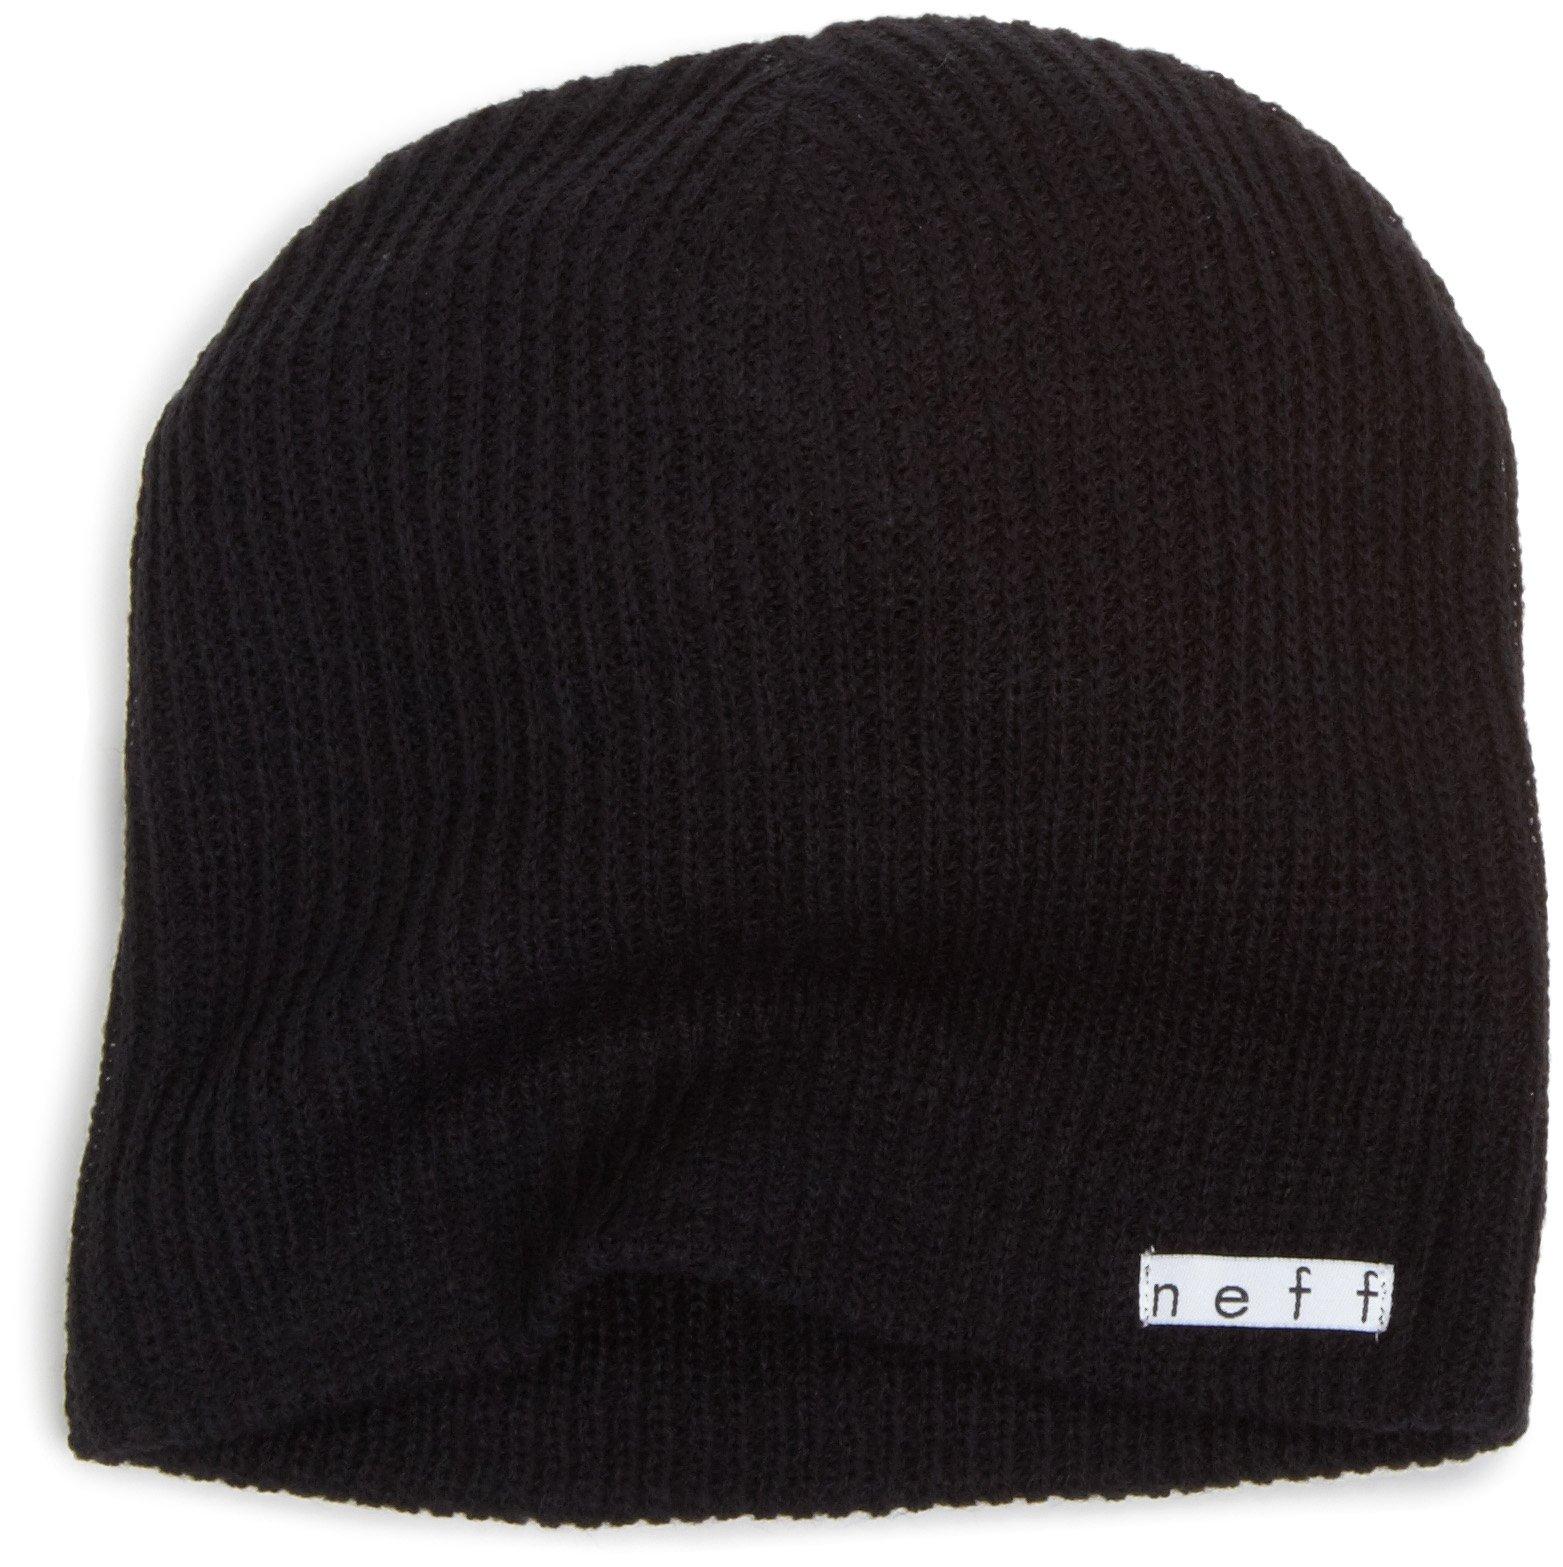 NEFF Unisex Daily Beanie, Warm, Slouchy, Soft Headwear, Black, One Size